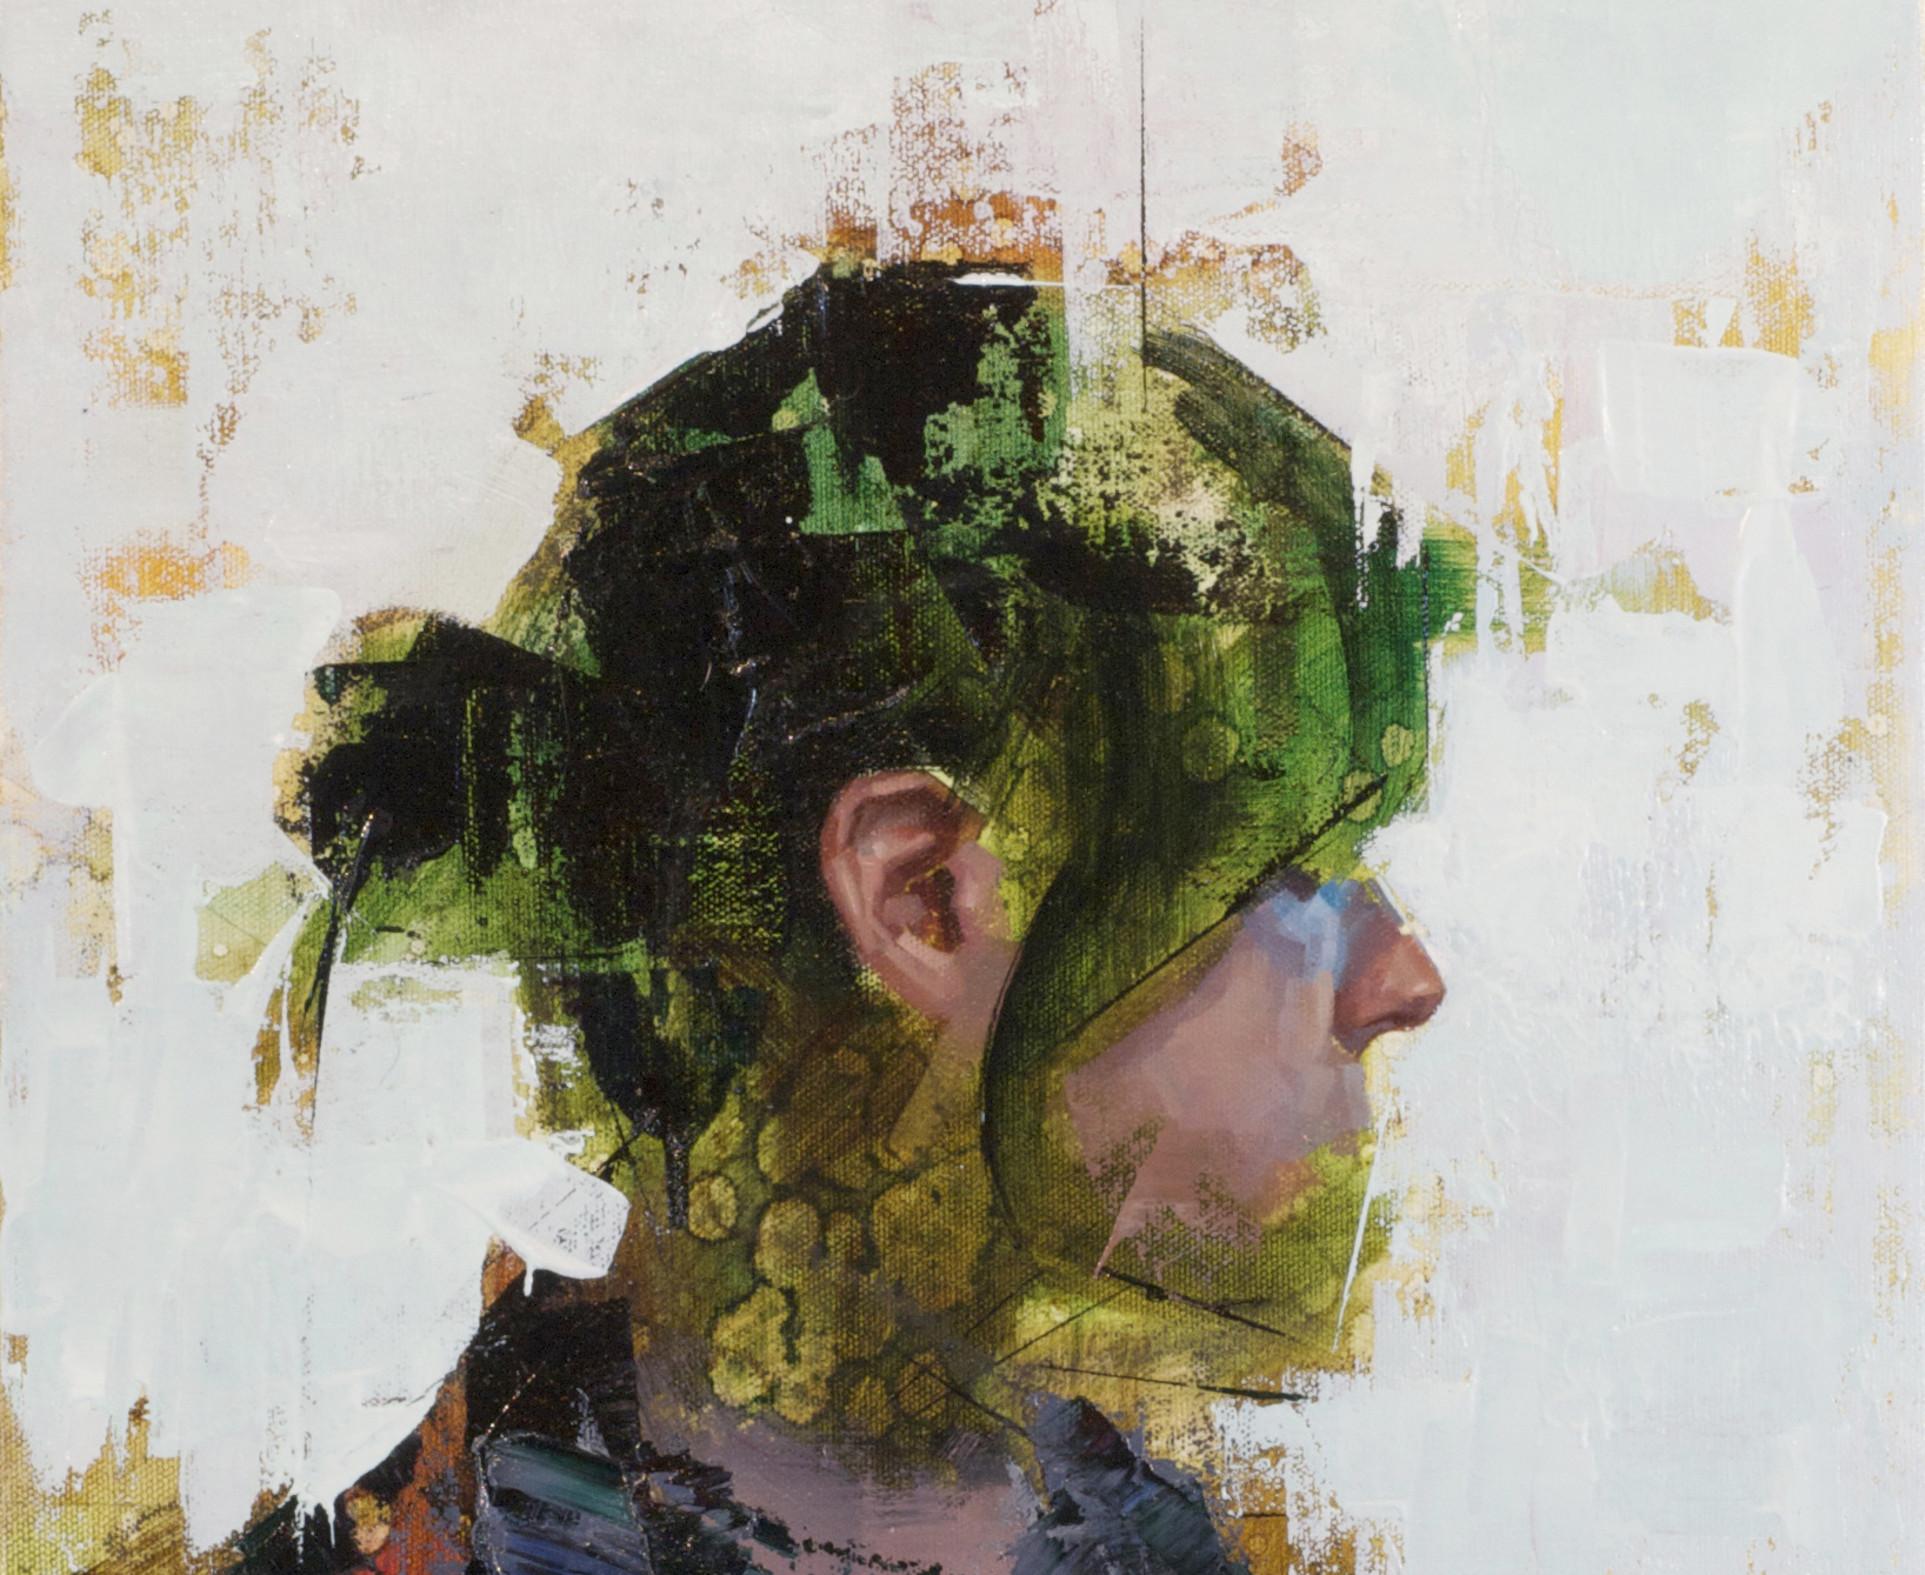 John Wentz, Imprint No. 7, 2015